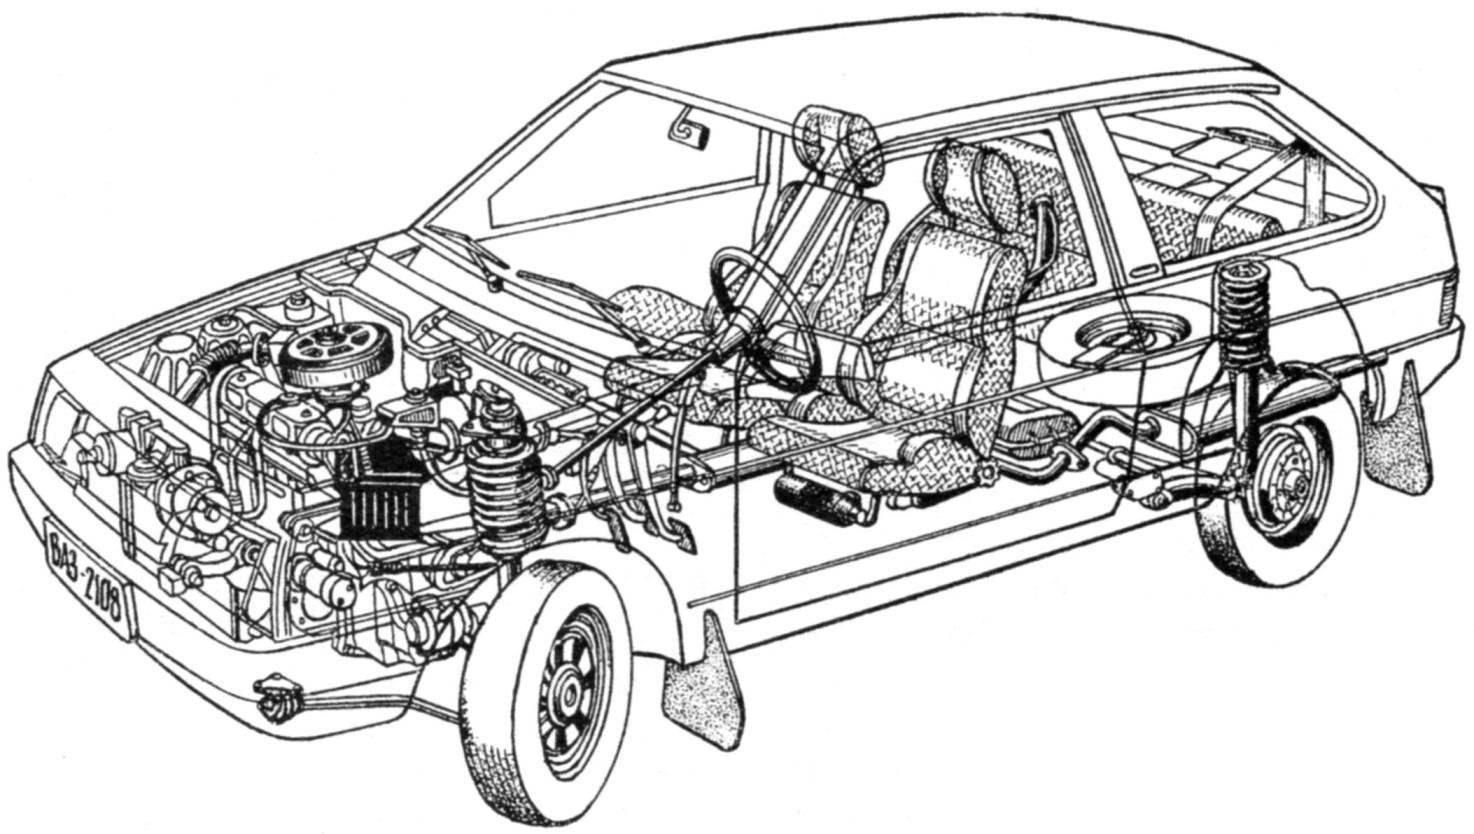 Компоновка переднеприводного автомобиля ВАЗ-2108 «Спутник»